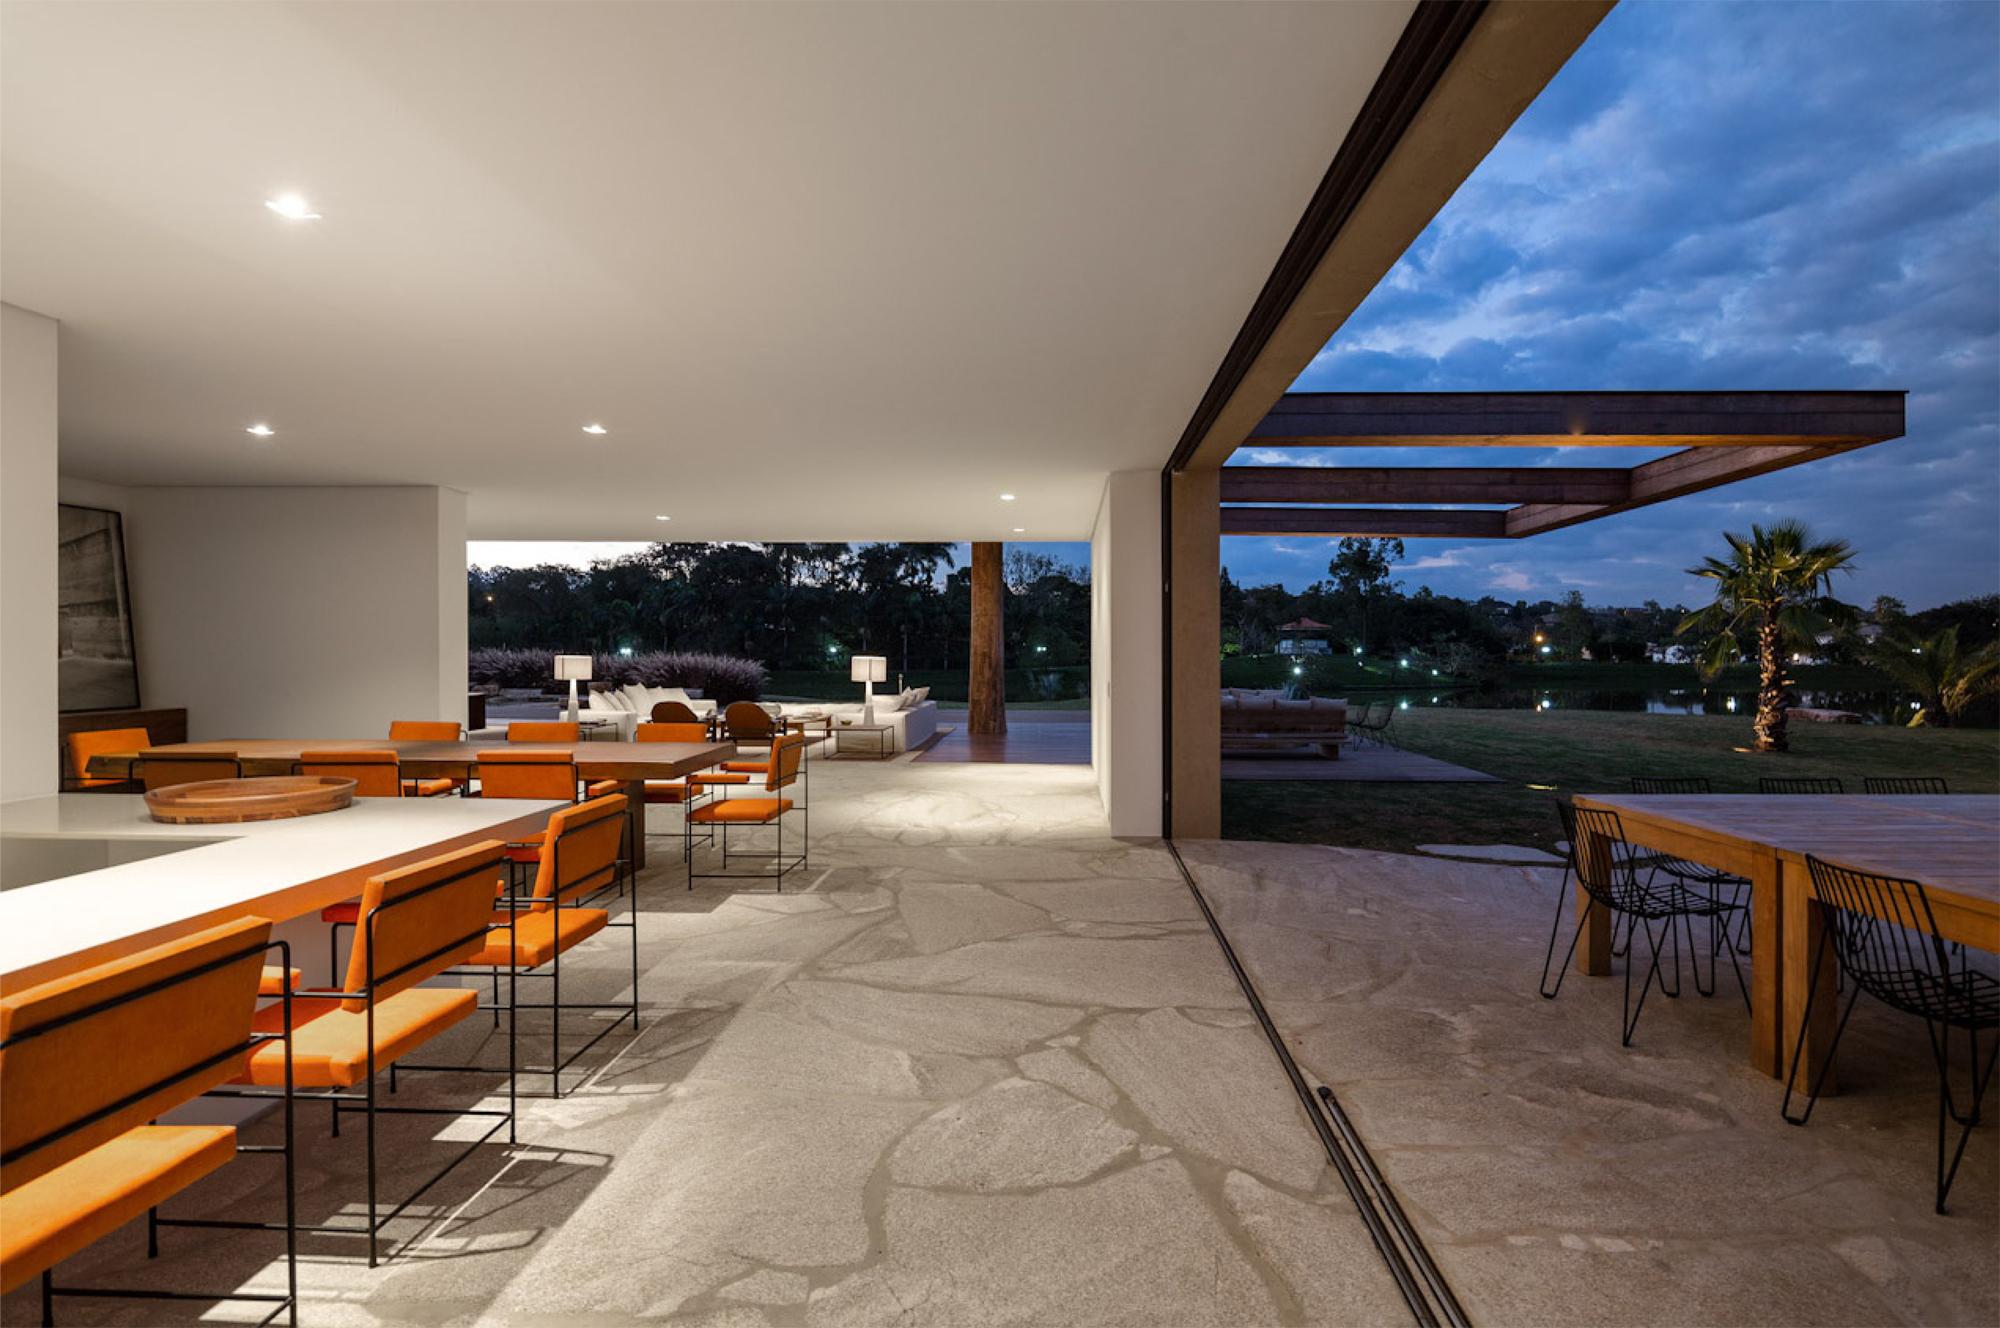 Gallery of house in itu studio arthur casas 8 for Casas contemporaneas modernas